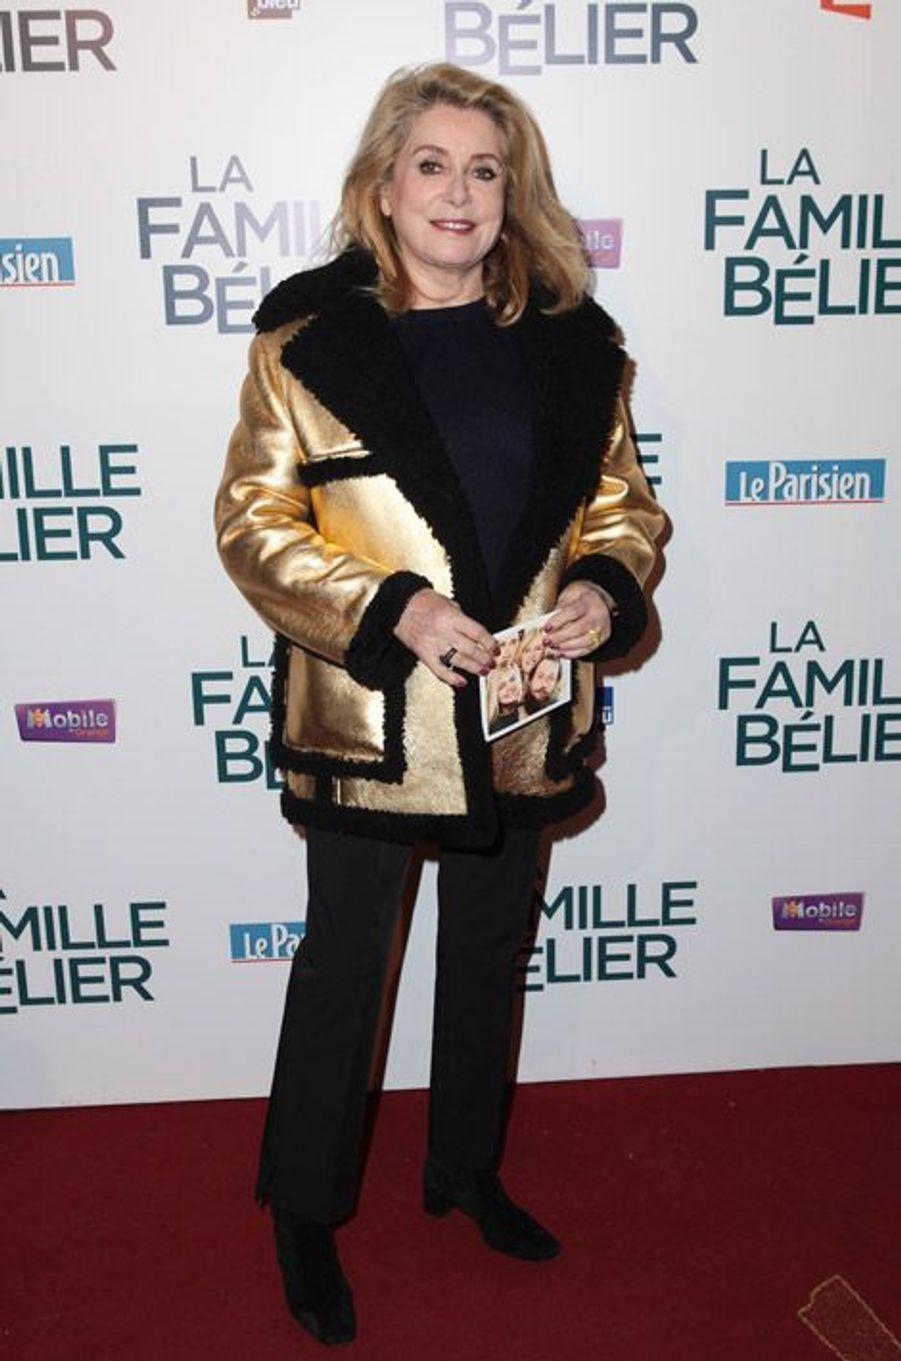 """Gold : Catherine Deneuve lors de la première de """"La famille Bélier"""" à Paris, le 9 décembre 2014"""